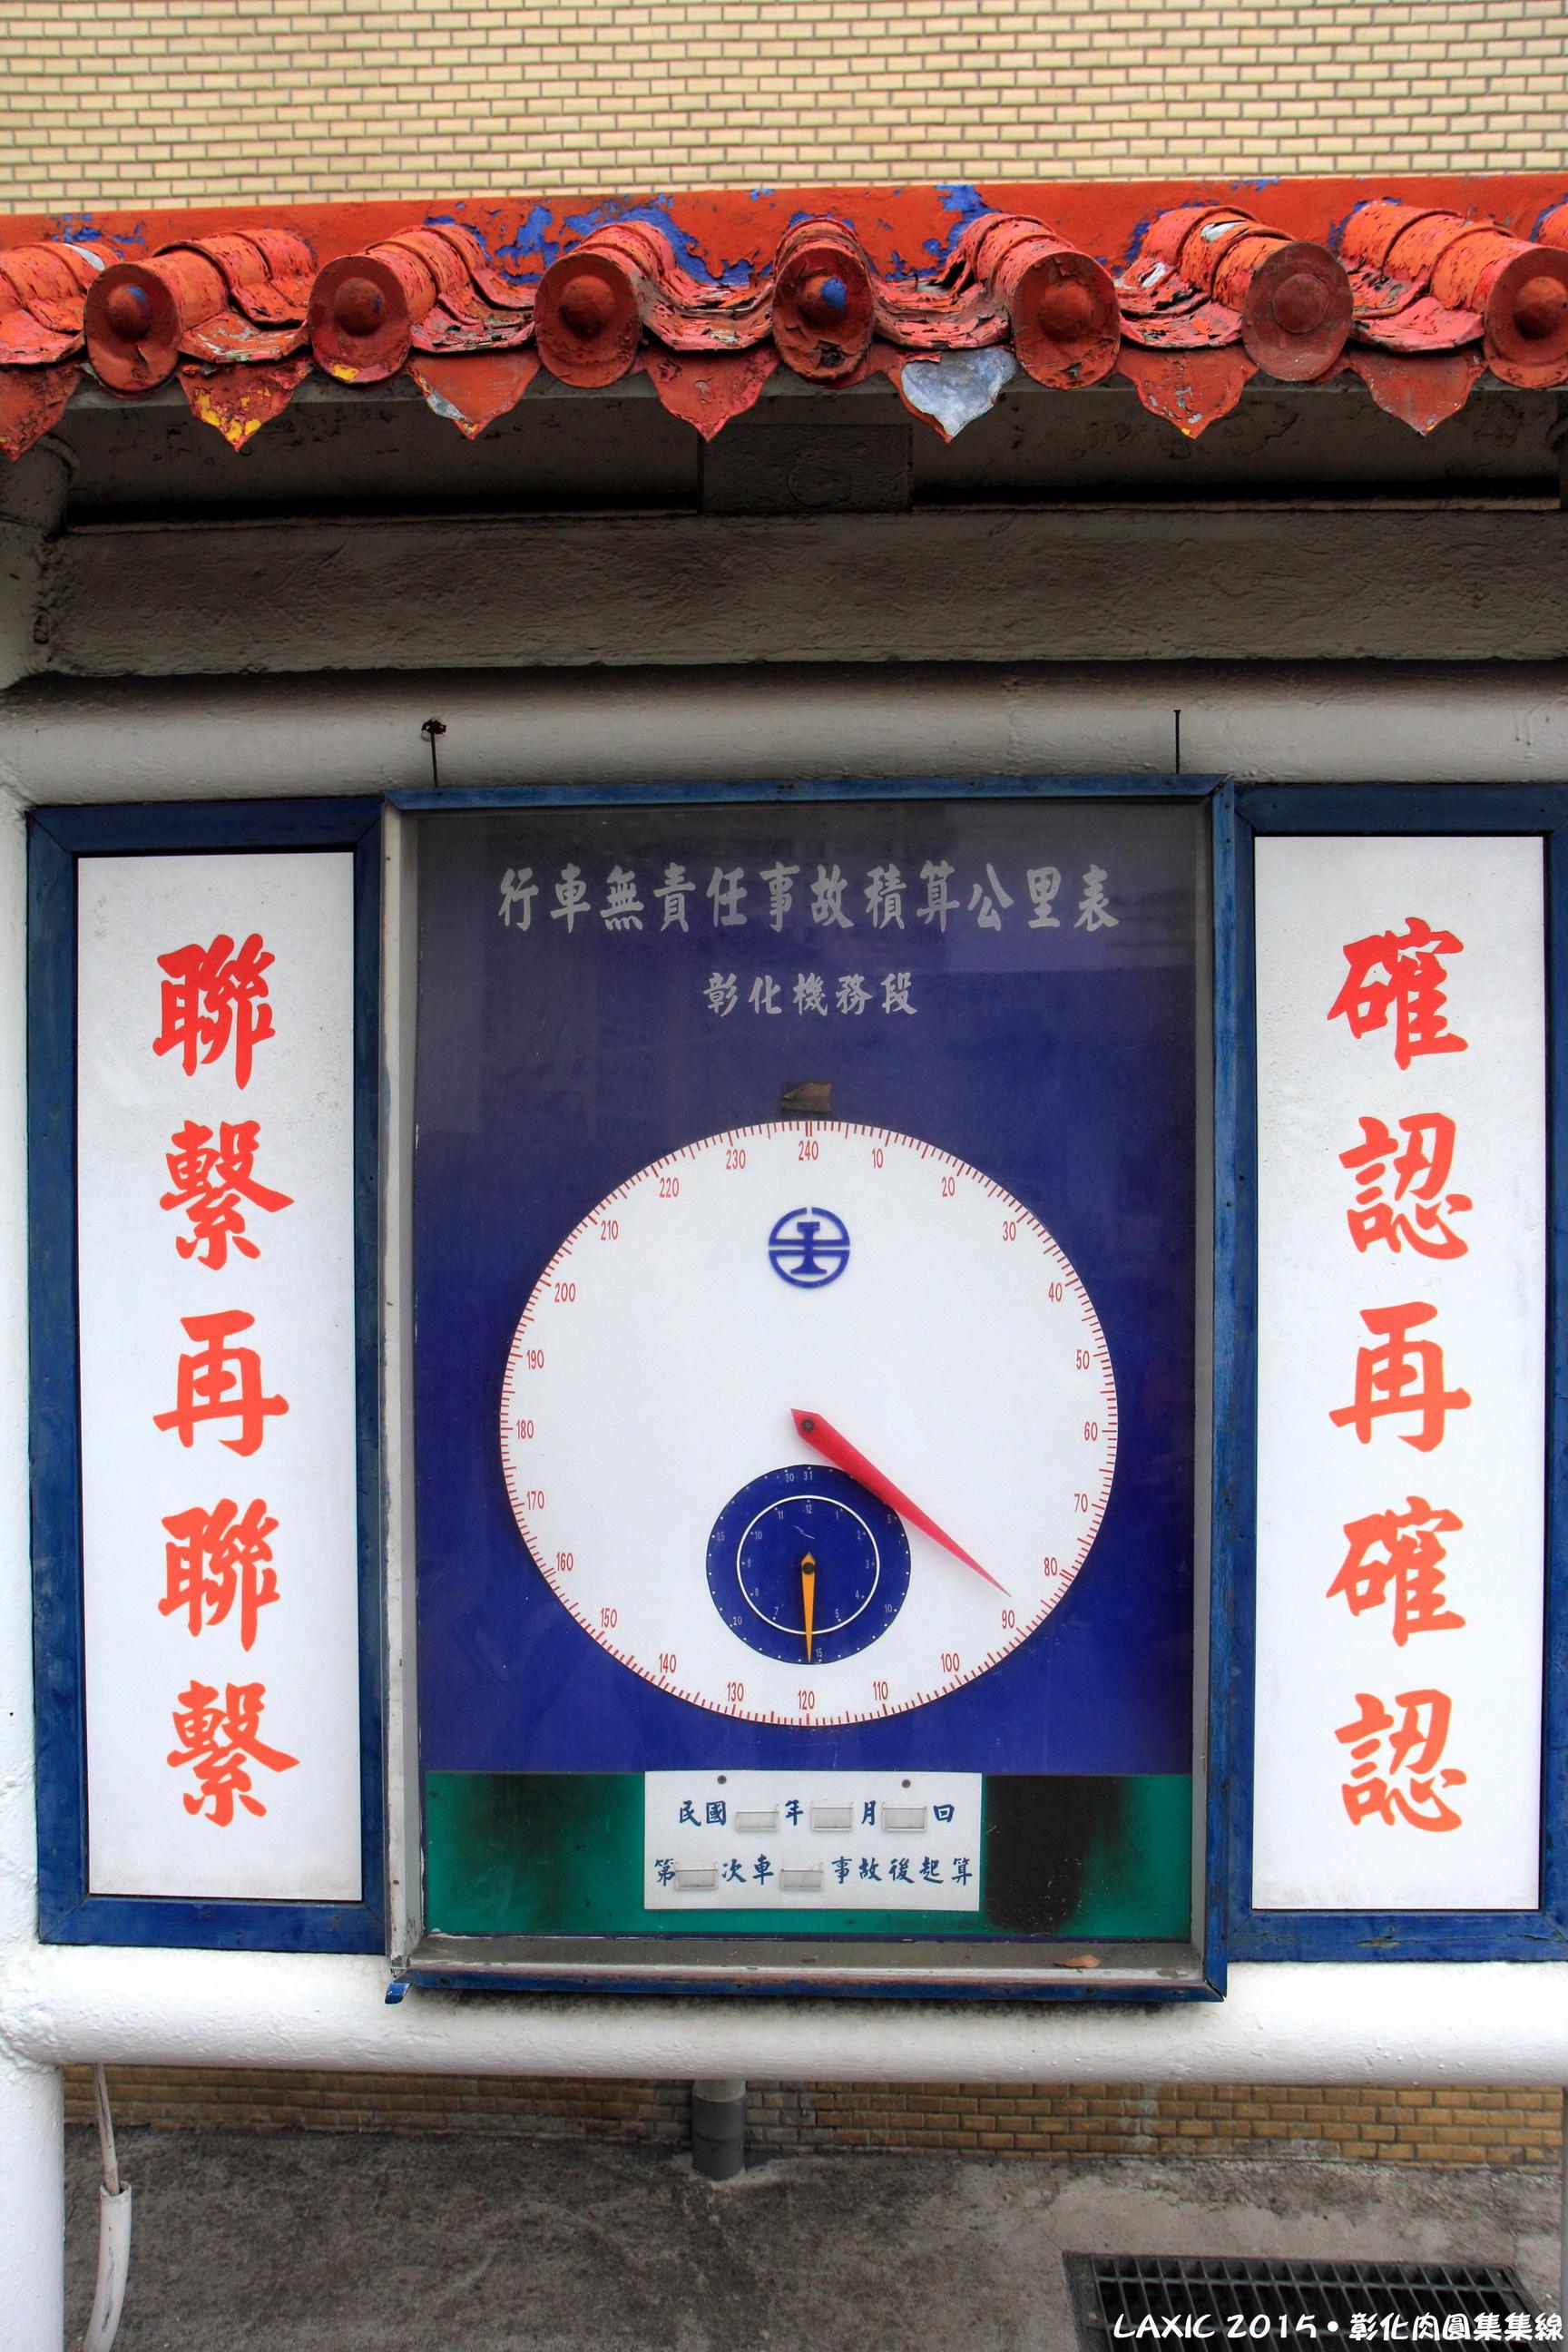 2015.02 彰化肉圓集集線-彰化扇形車站&八卦山大佛